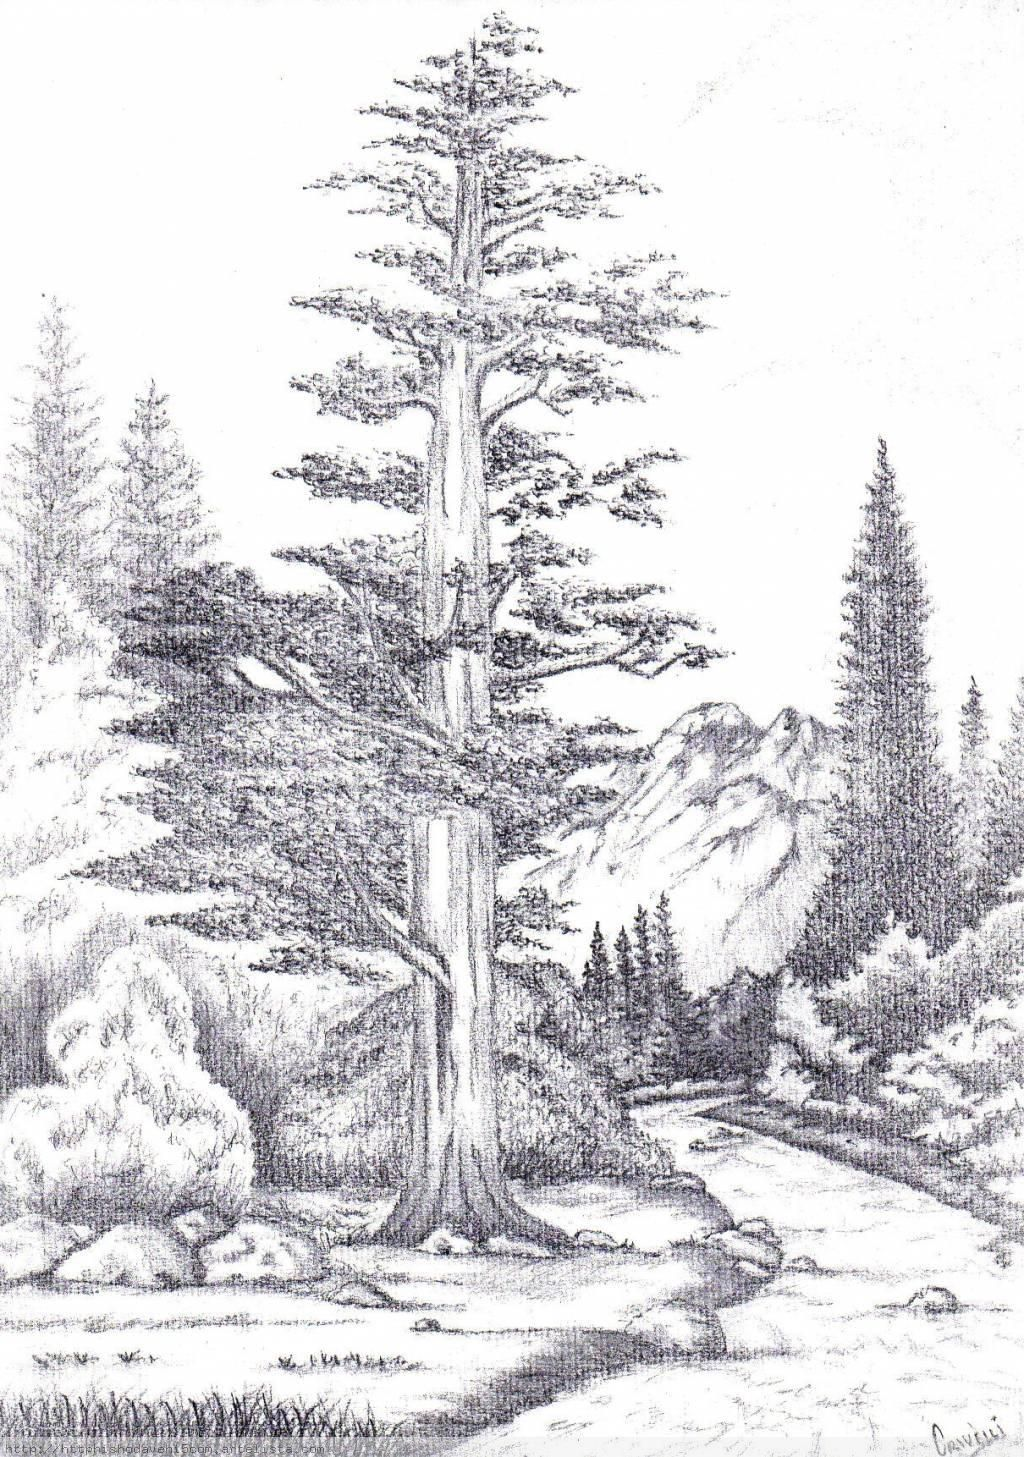 Dibujo Y Pintura Dibujos A Lapiz Carboncillo Paisaje Paisajes Dibujos Dibujos Para Pintar Paisajes